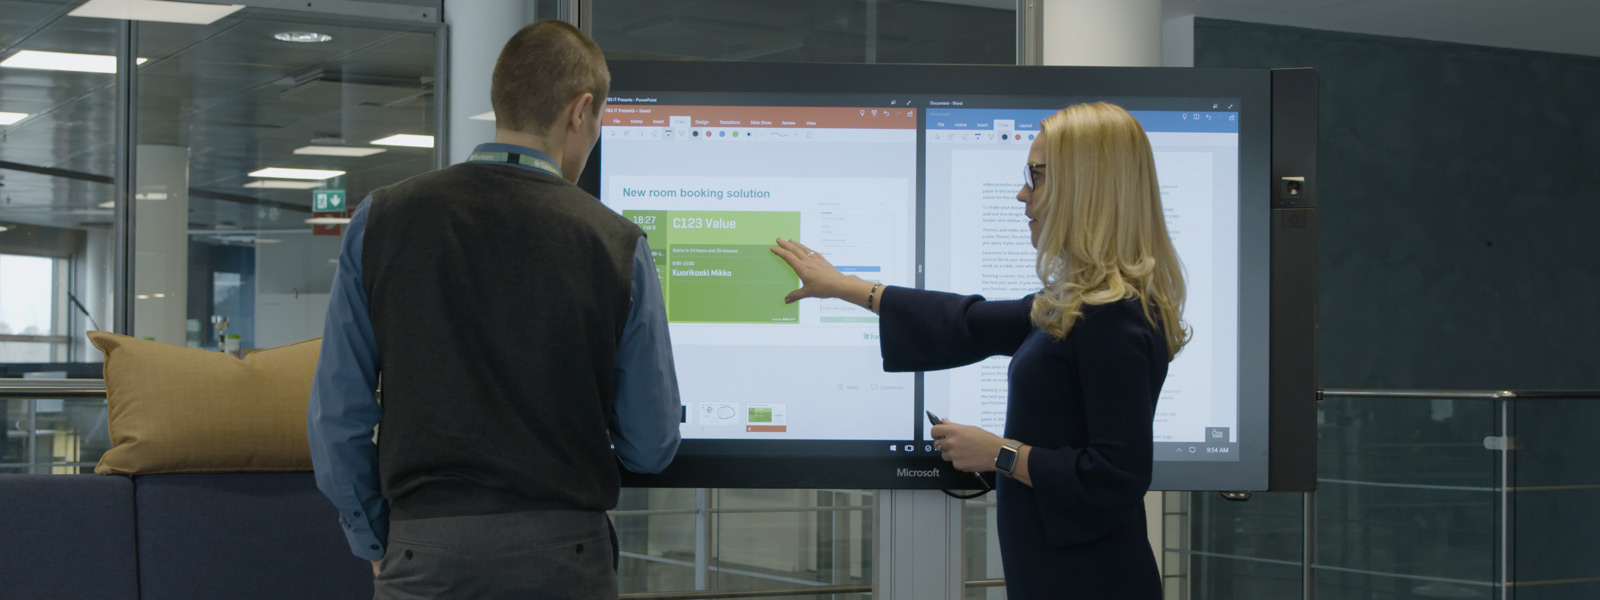 Une femme et un homme debout devant un Hub avec PowerPoint et Word à l'écran